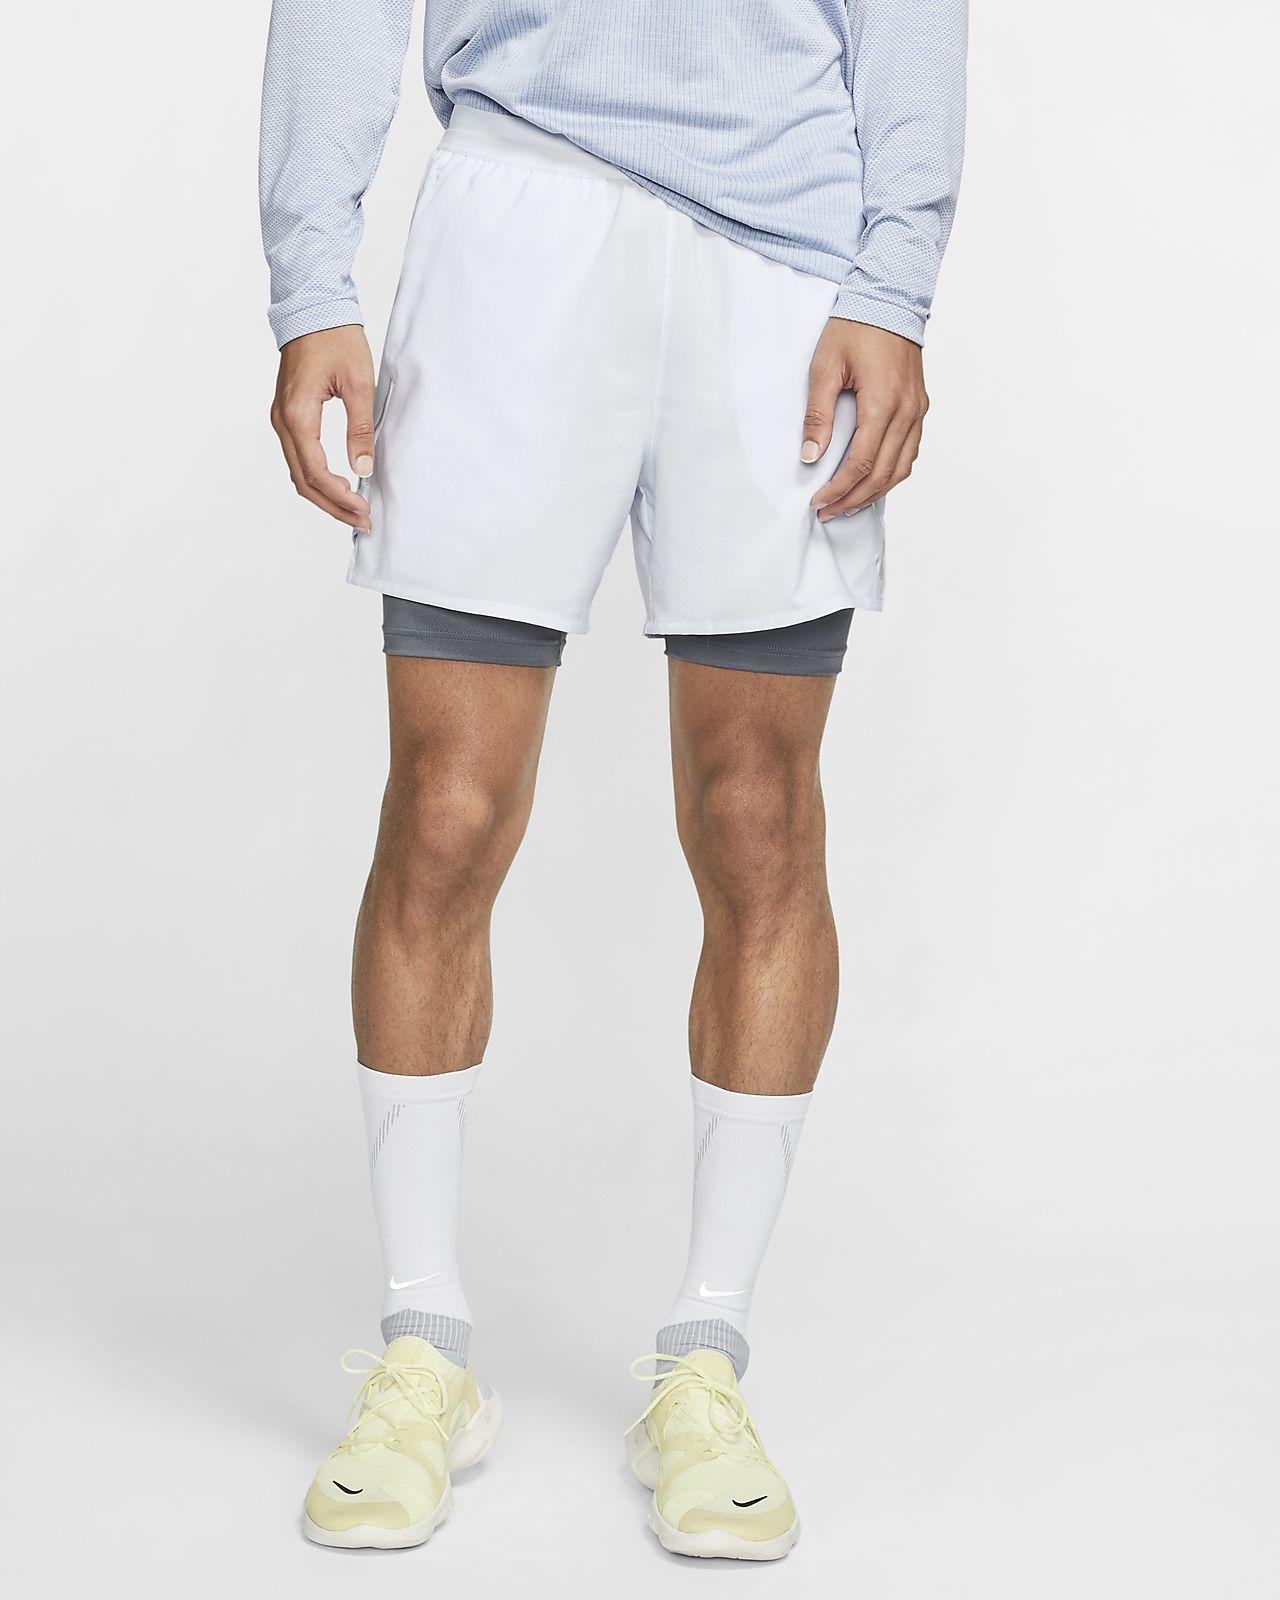 Nike Flex Stride Pantalón corto de running 2 en 1 de 13 cm Hombre